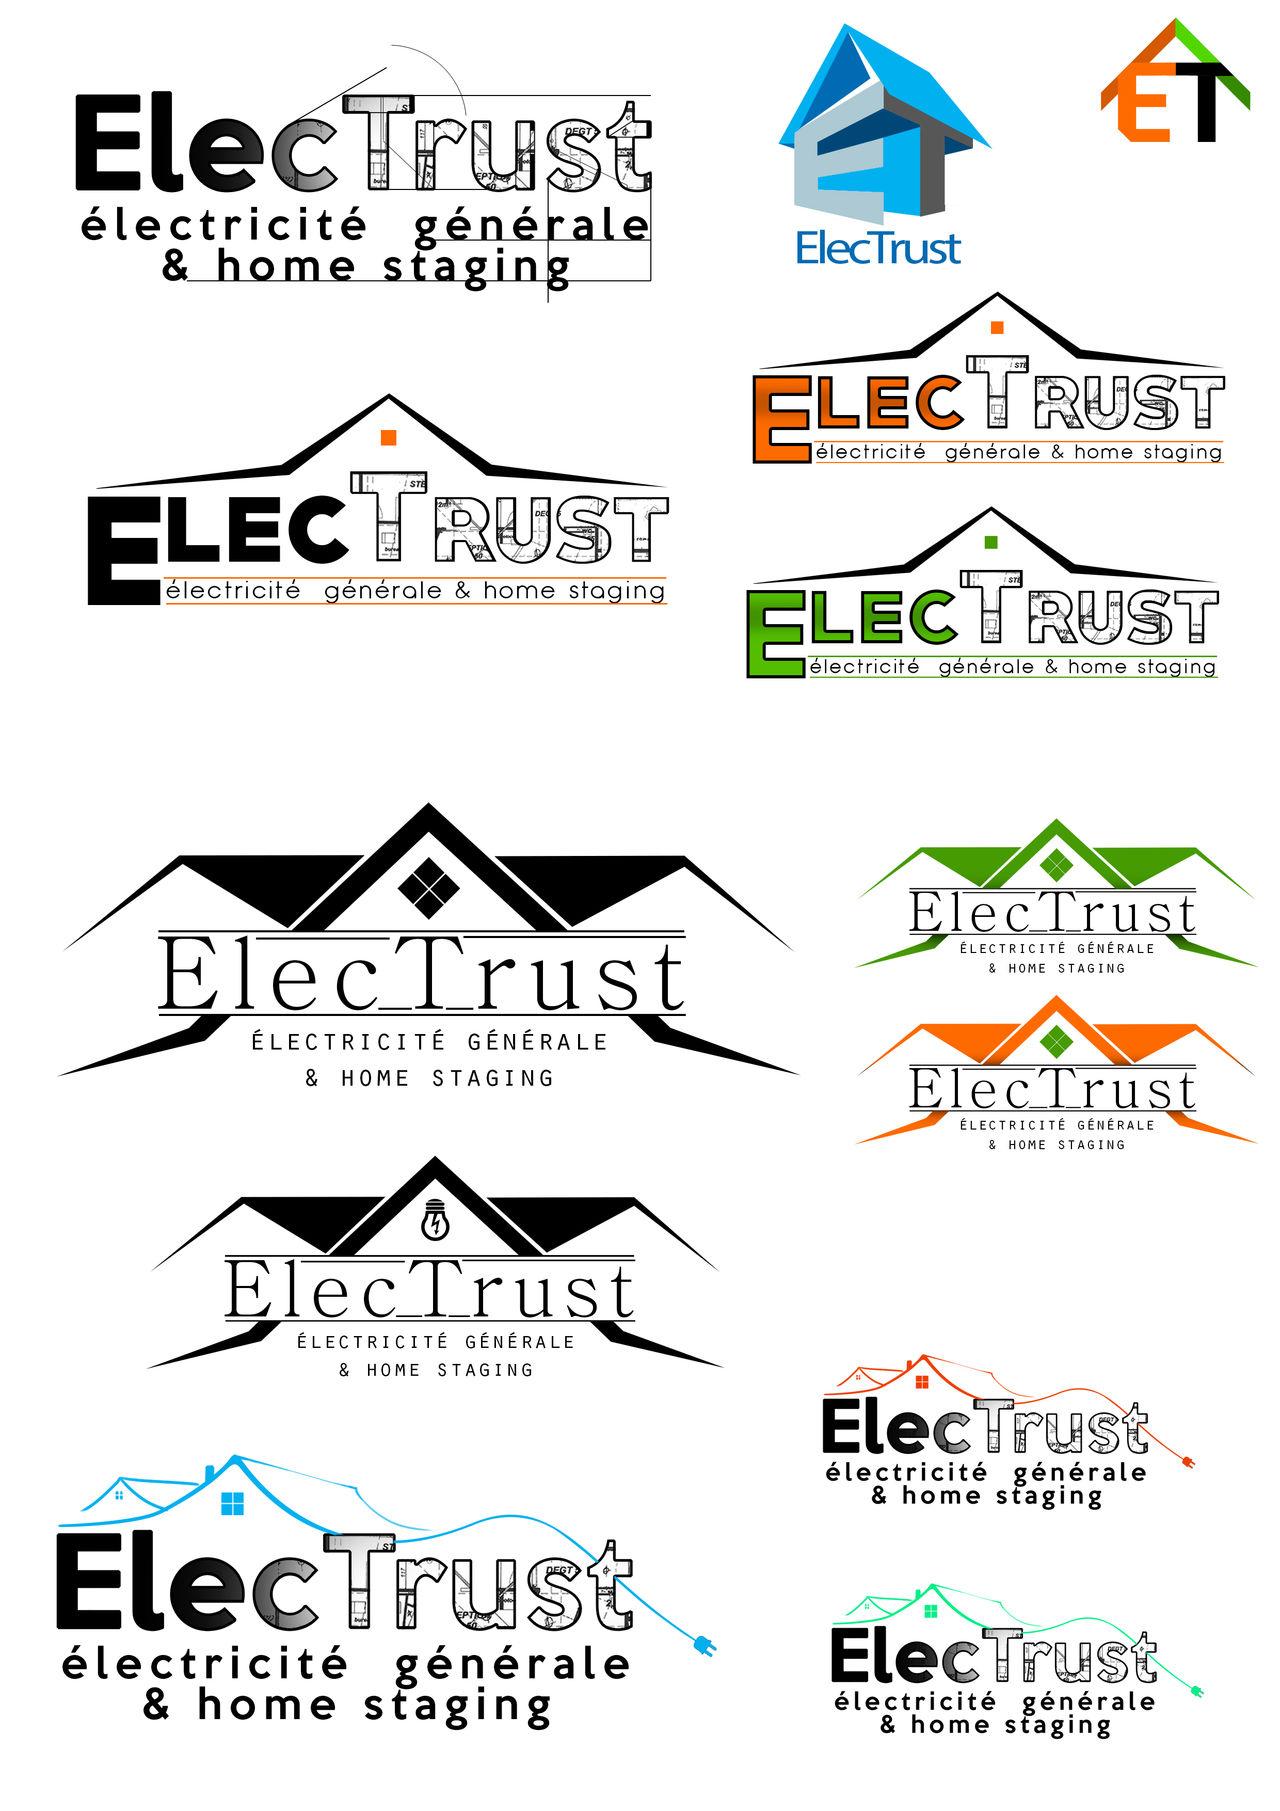 Planche de recherche Electrust